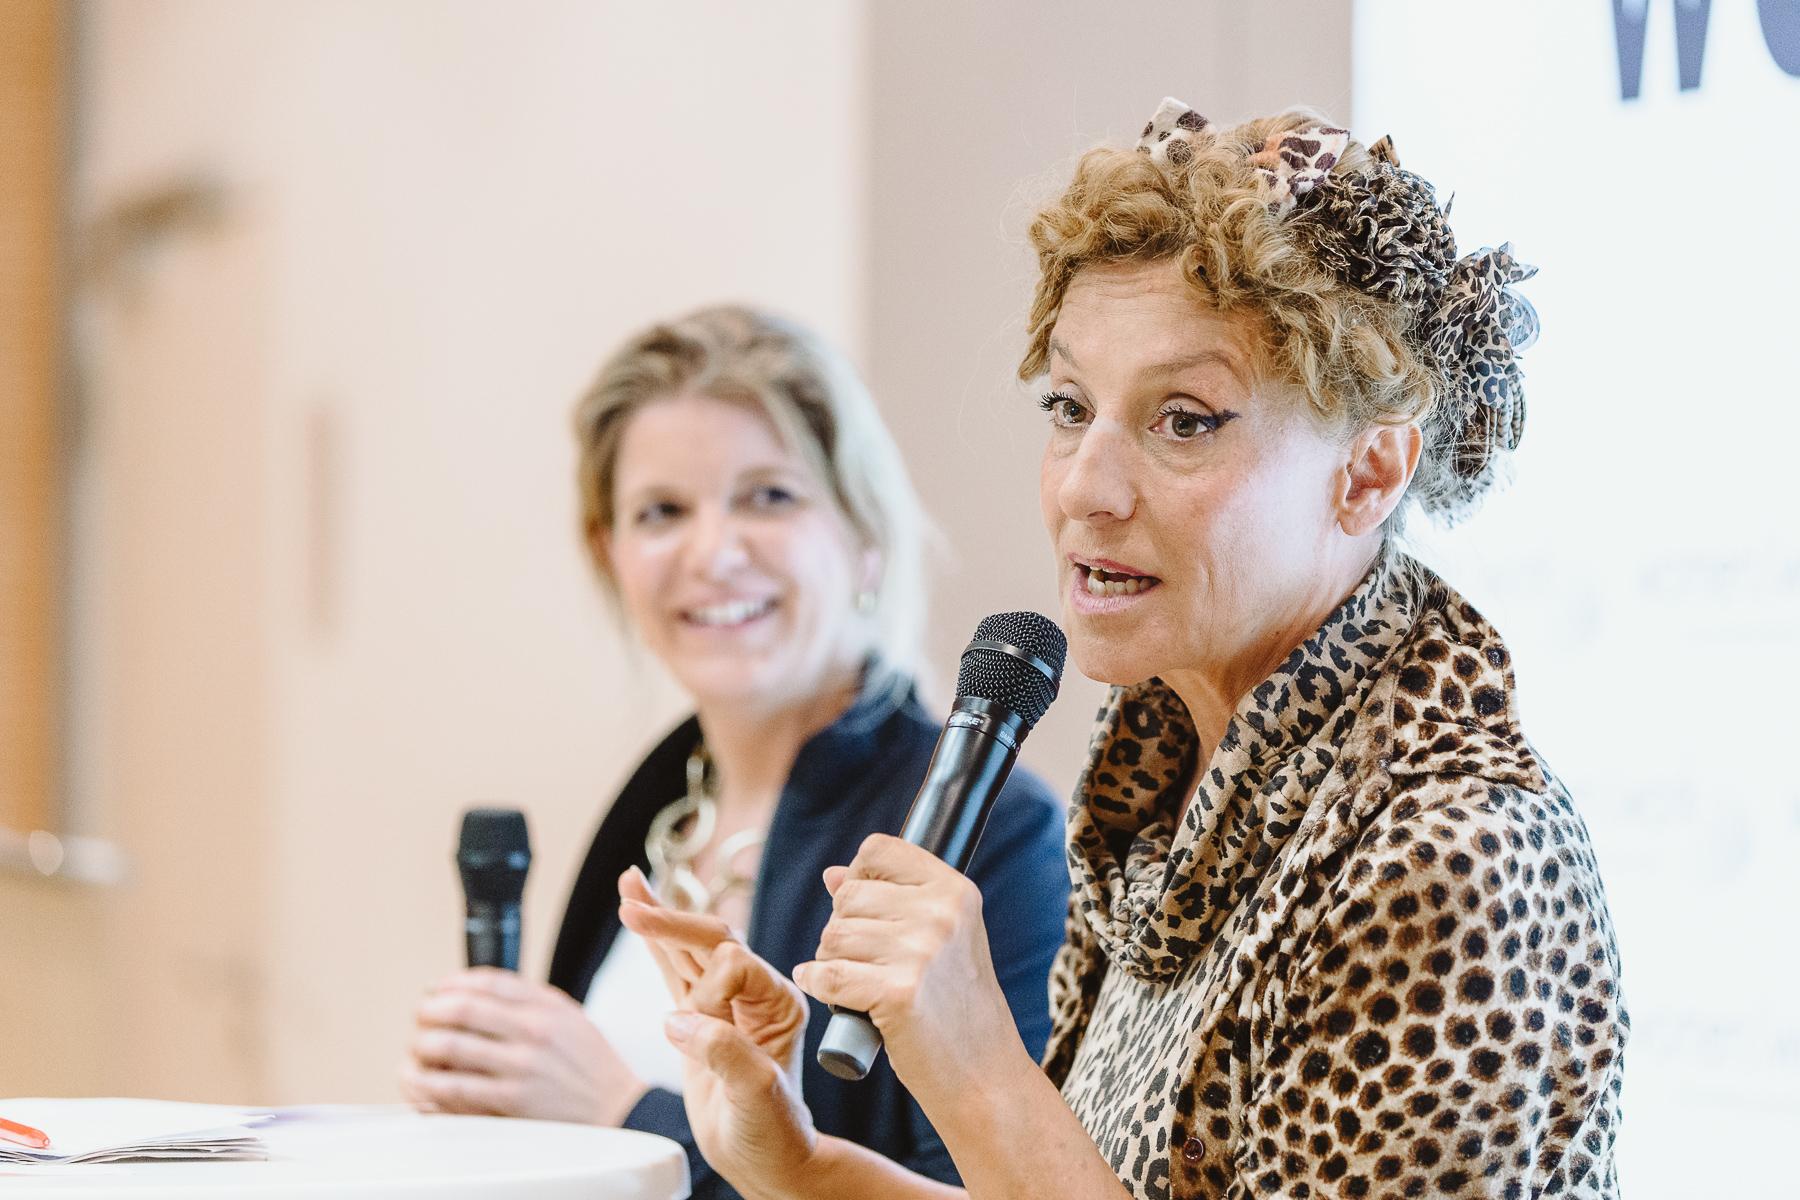 """Kongressfotografie - women&work - Sissi Perlinger VIP-Gast und eingeladen zum Schwerpunktthema """"Lebensdesign"""""""